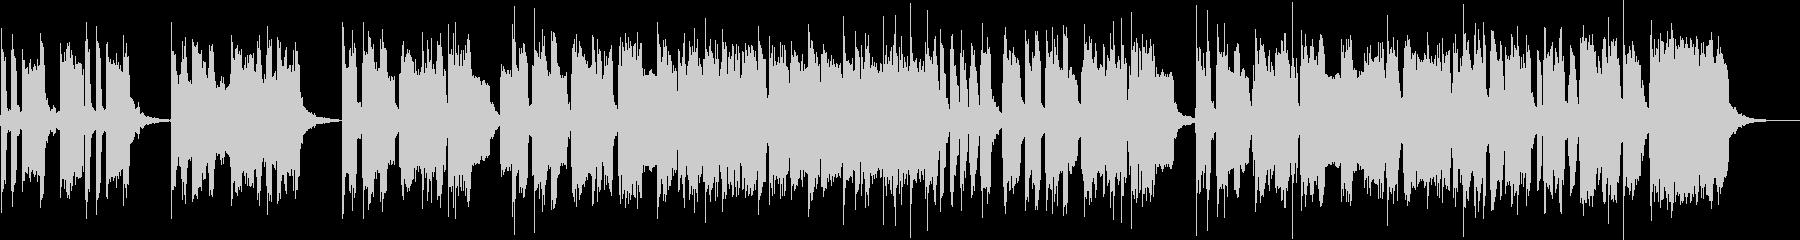 楽しげなサックス4重奏の未再生の波形